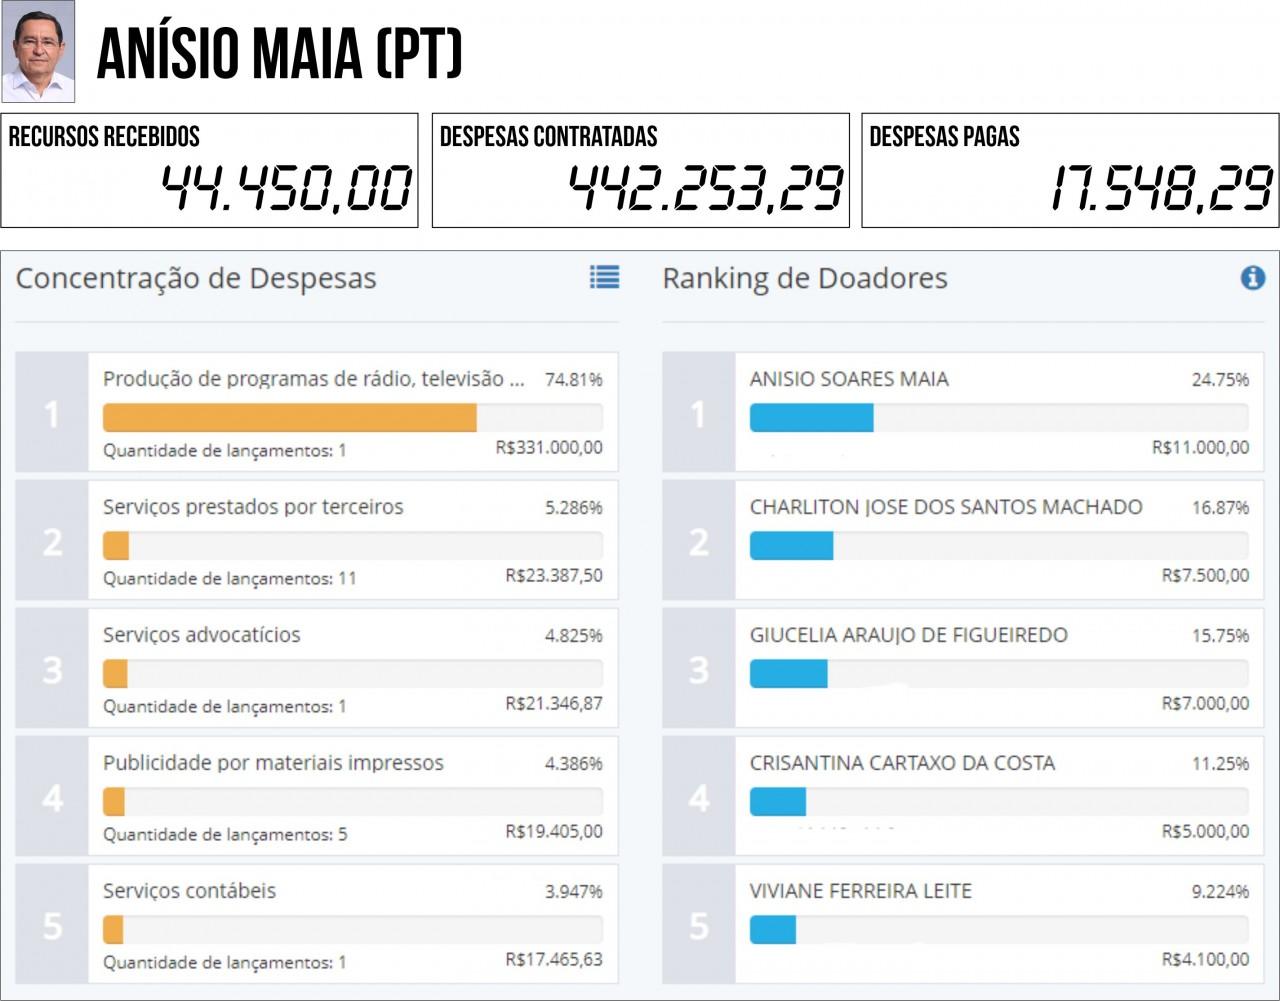 ANÍSIO MAIA PT - 2ª PRESTAÇÃO DE CONTAS: Seis candidatos à PMJP gastaram mais do que arrecadaram - VEJA QUEM SÃO